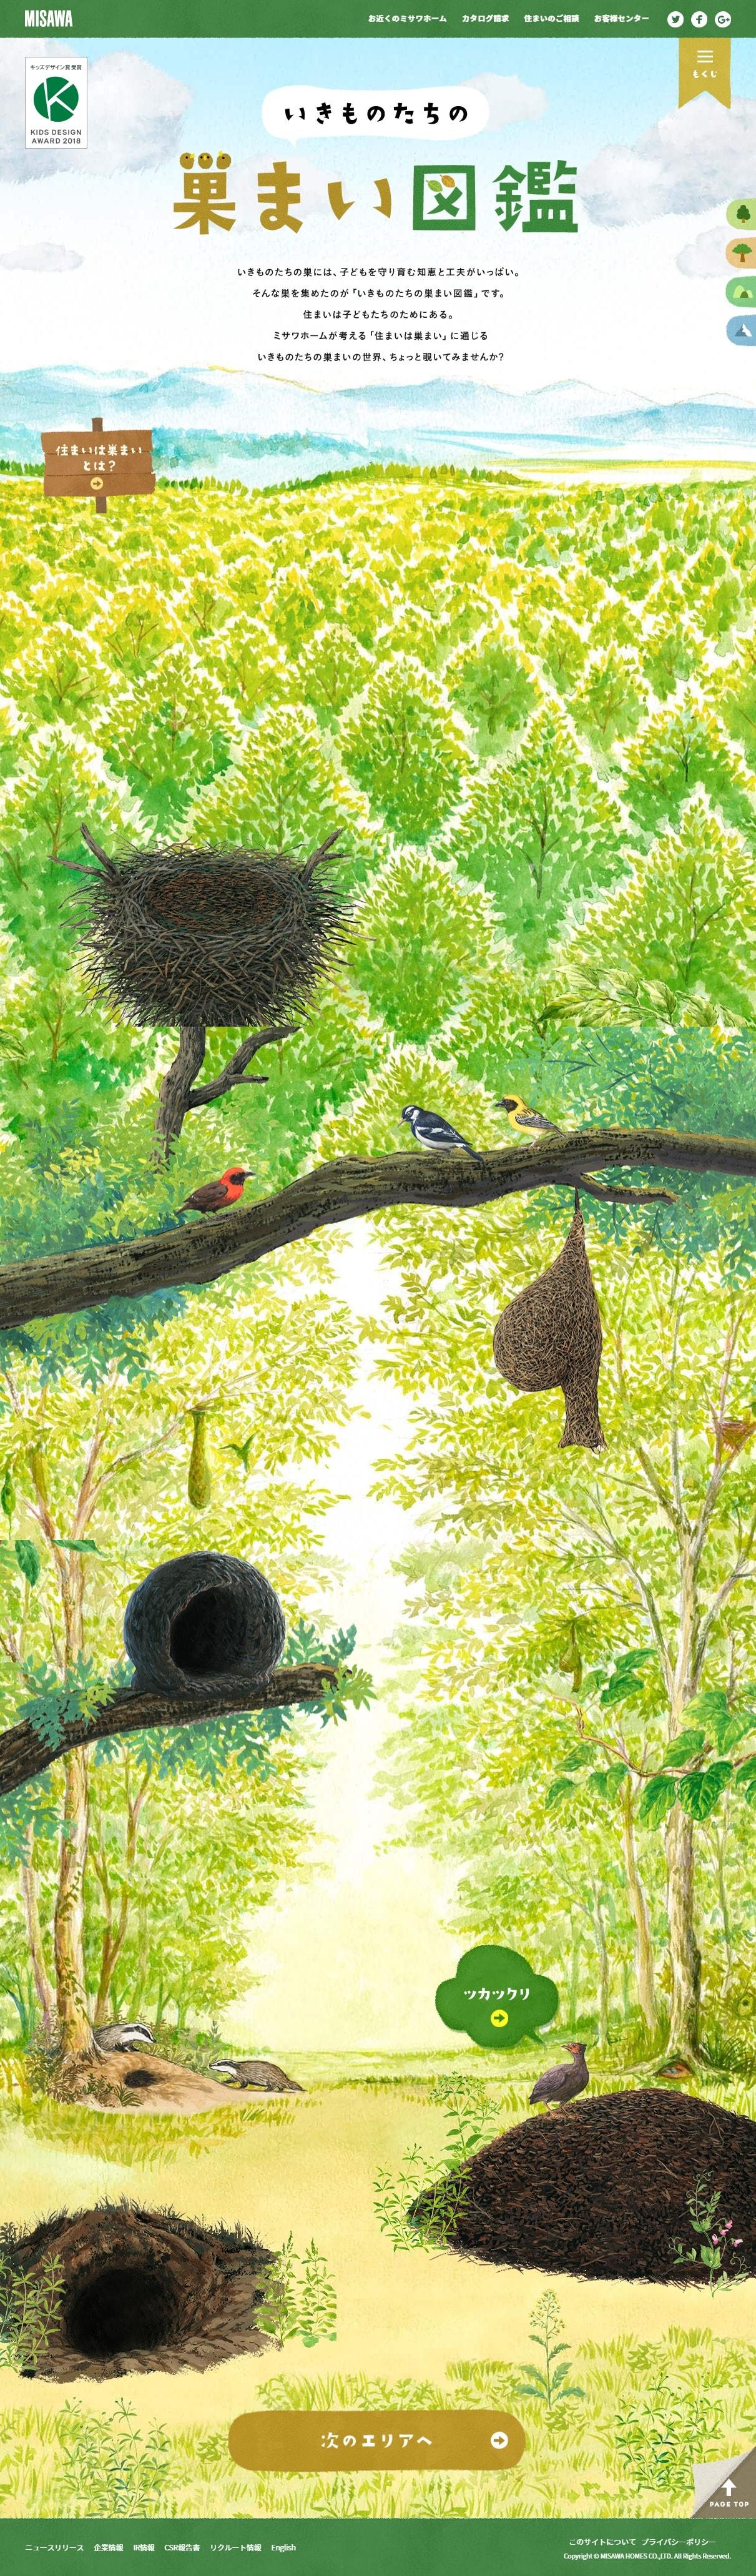 いきものたちの巣まい図鑑 | ミサワホーム